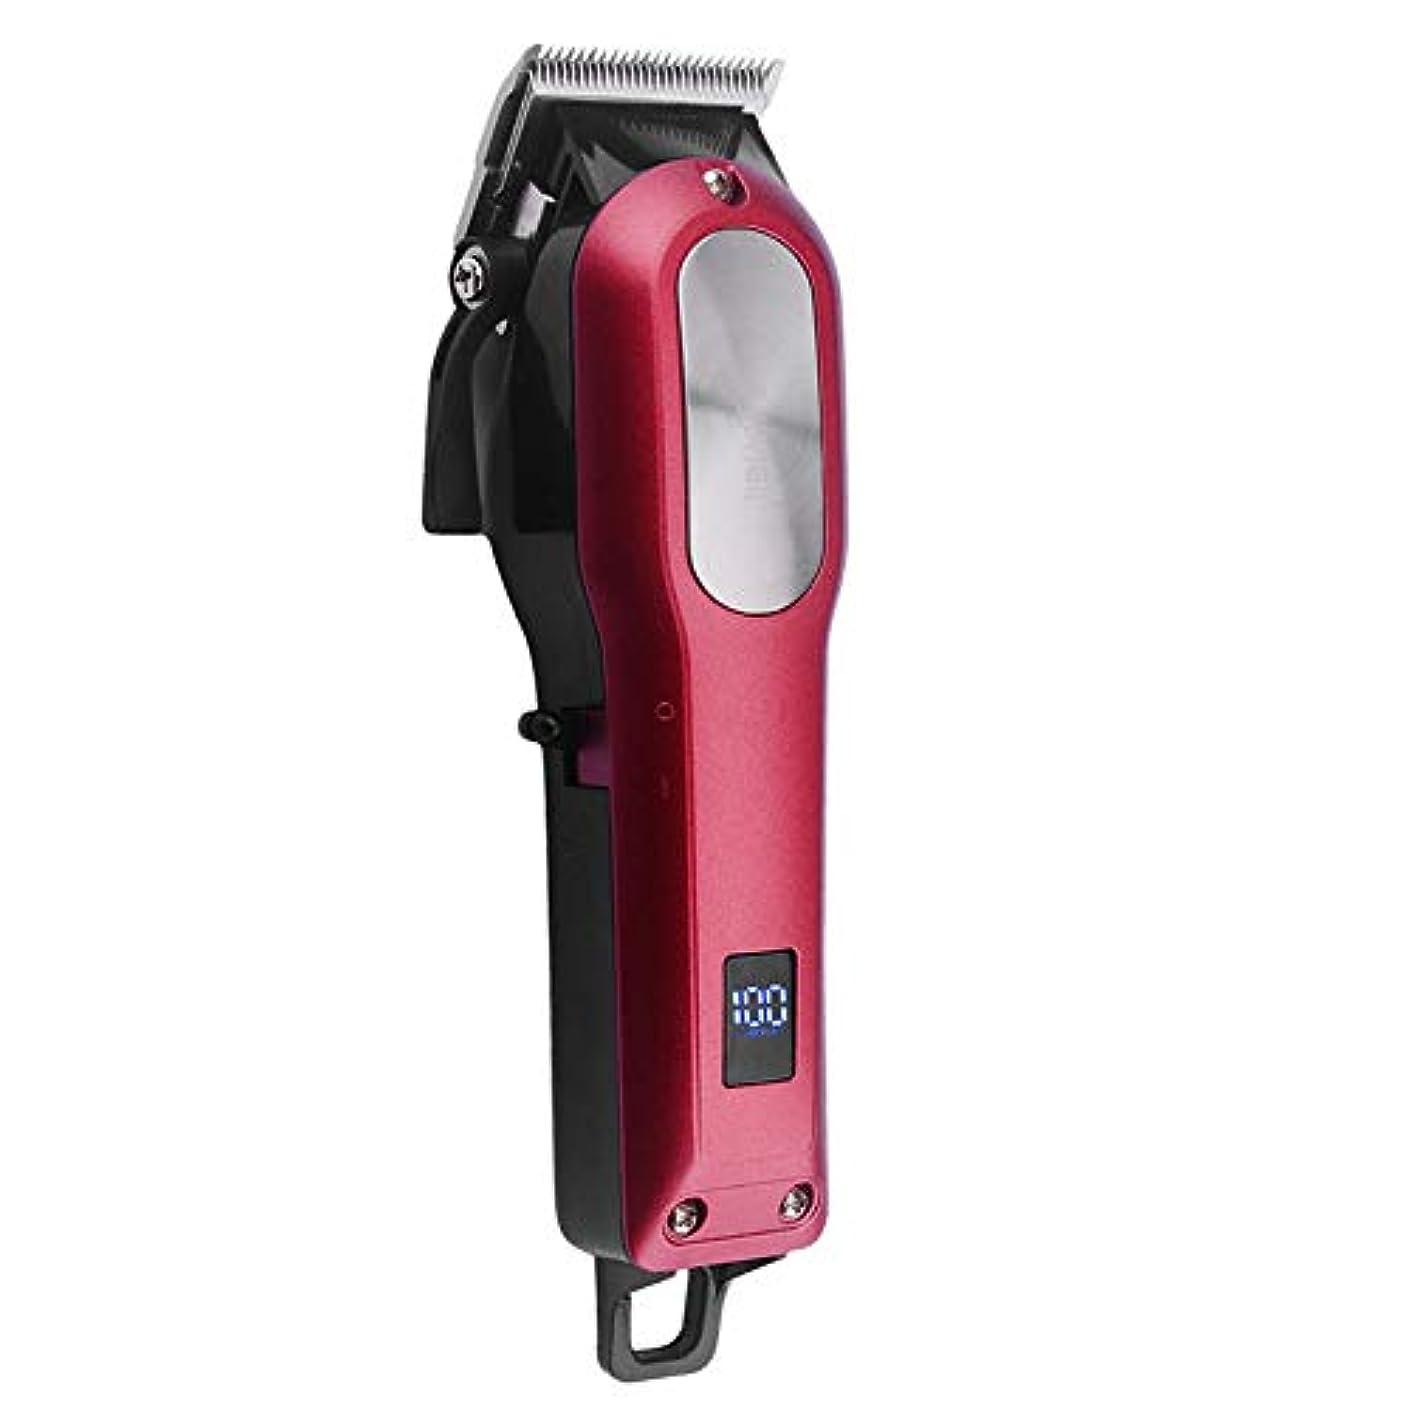 遅いディプロマ寝室を掃除するCOSYONALL 電動バリカン 充電式ヘアカッター レバー式バリカン プロ 0.8-2mm刈り高さ調整可能 LEDディスプレイ 4時間連続使用 ヒゲトリマー ヘアクリッパー コードレス 低騒音 切れ味抜群 散髪 セット